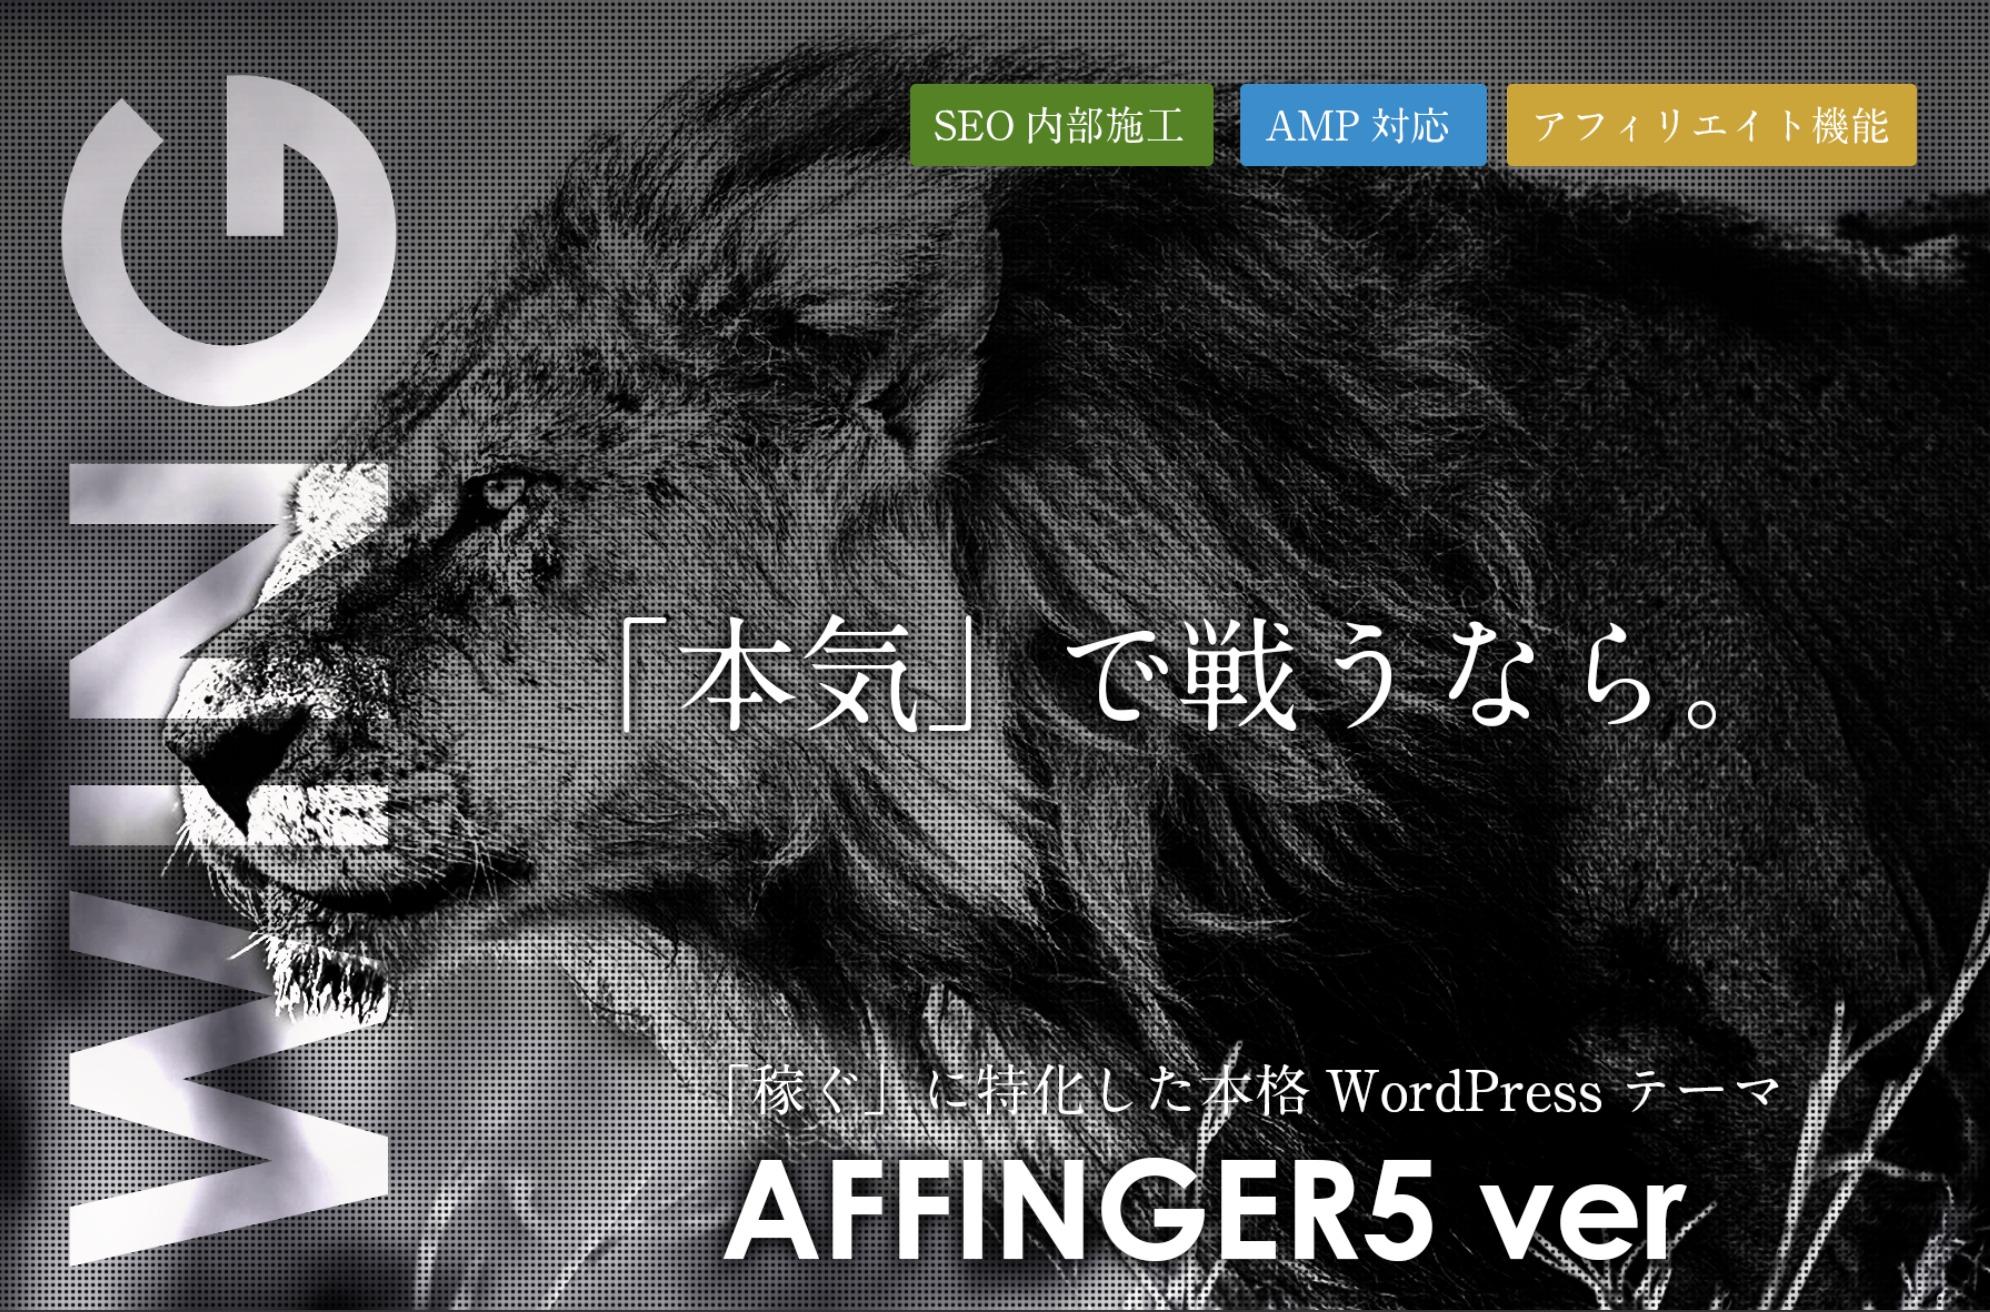 AFFINGER5のトップページカスタマイズ法を解説【YusakuBlog風にアレンジ】